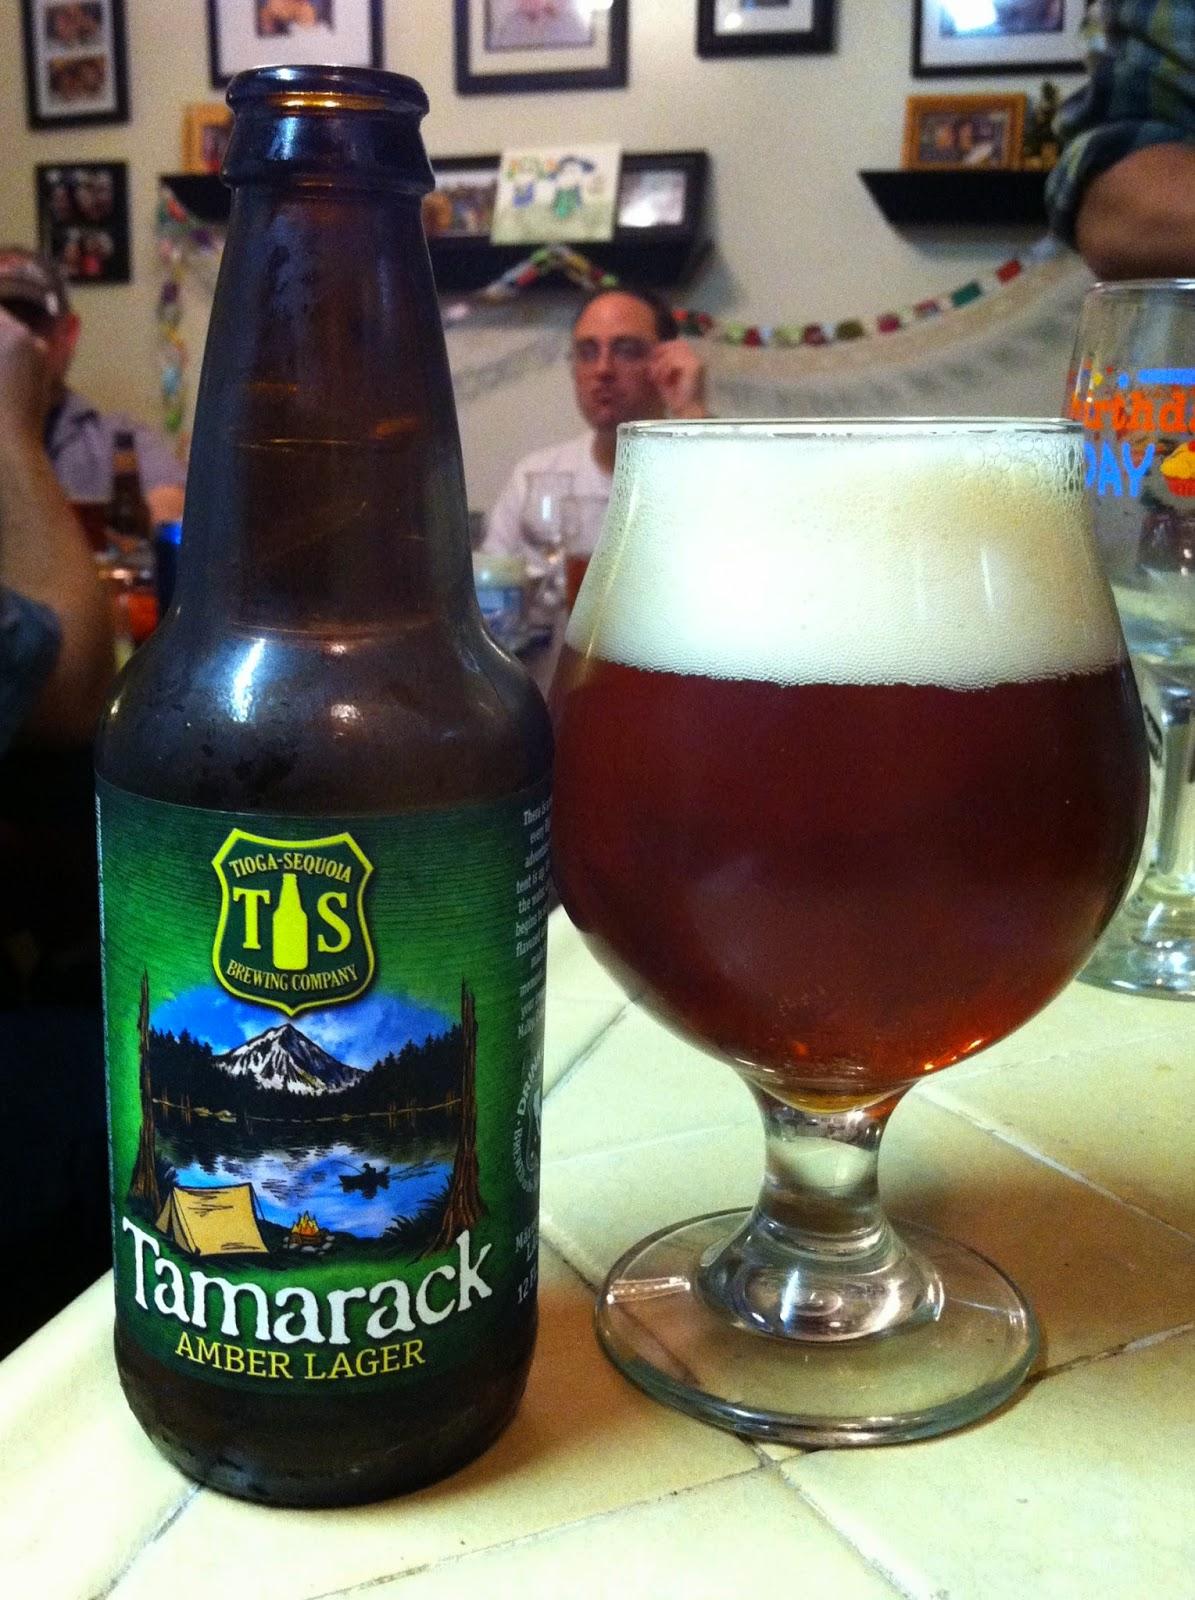 Tioga Sequoia Tamarack Amber Lager 1